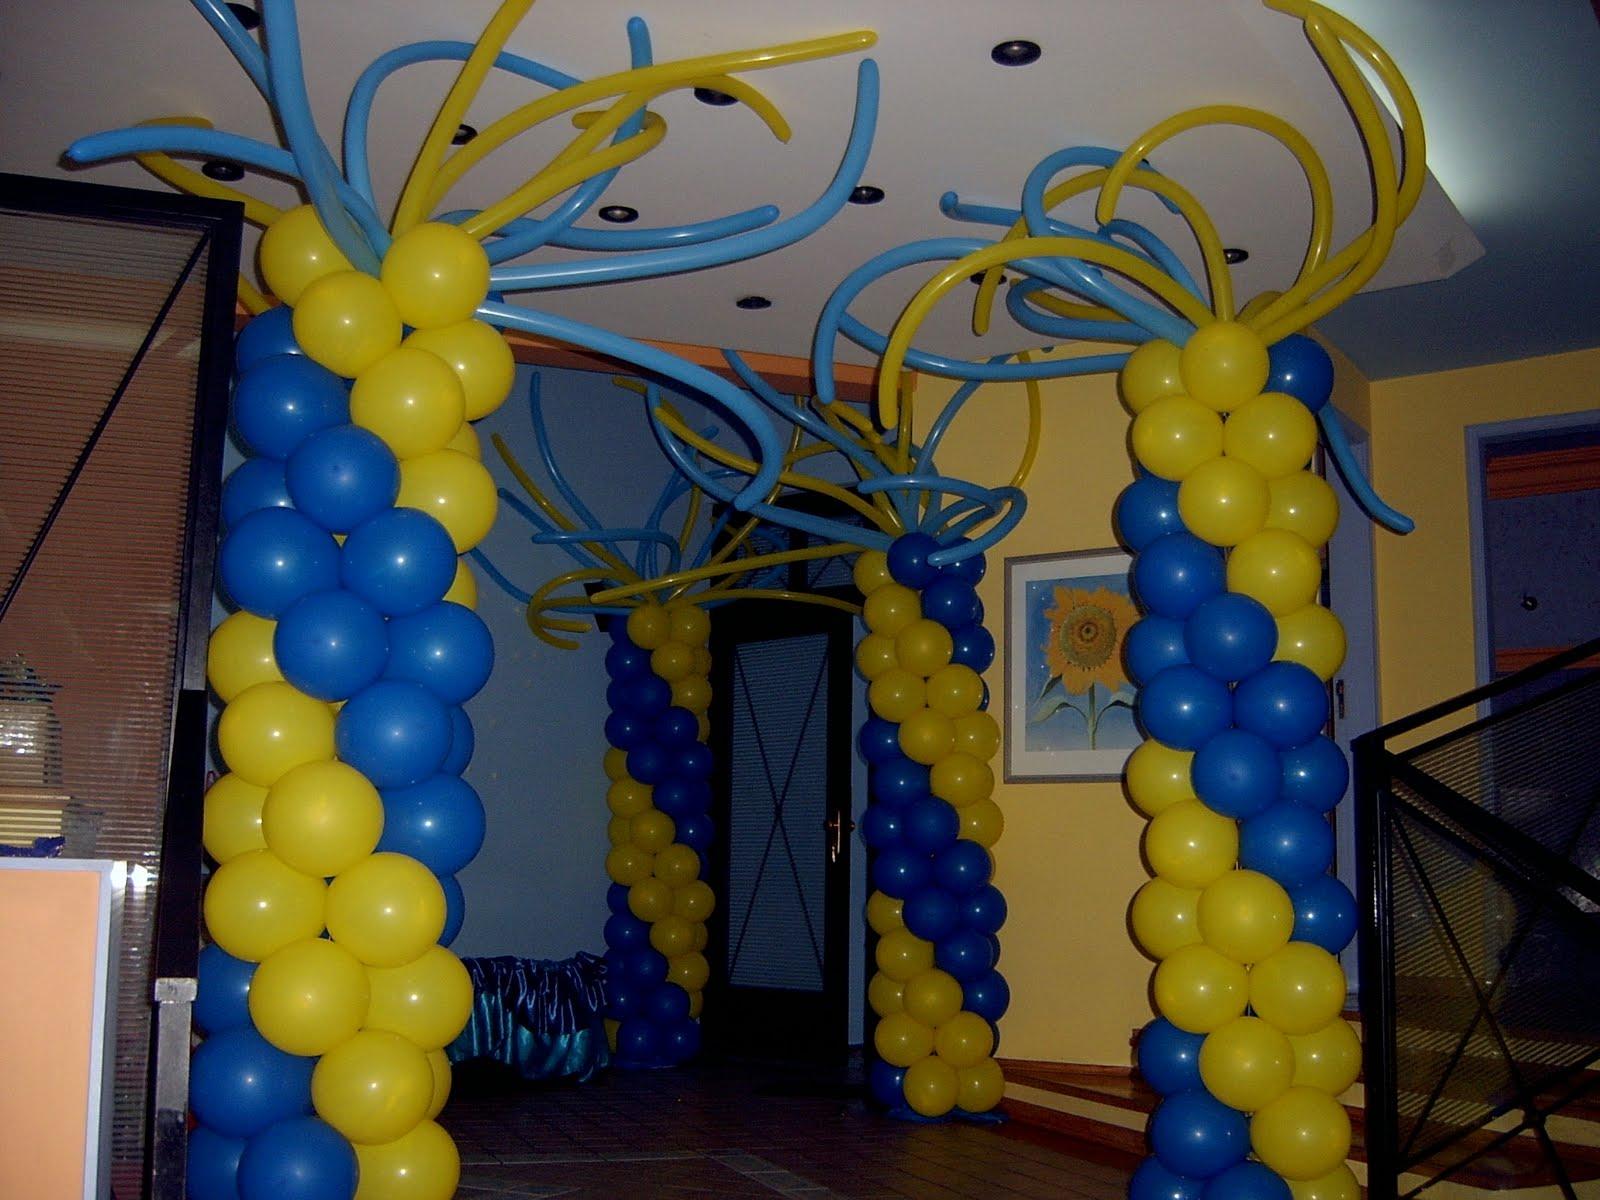 decoracao festa infantil azul e amarelo : decoracao festa infantil azul e amarelo:Sheila Moura: Azul e Amarelo